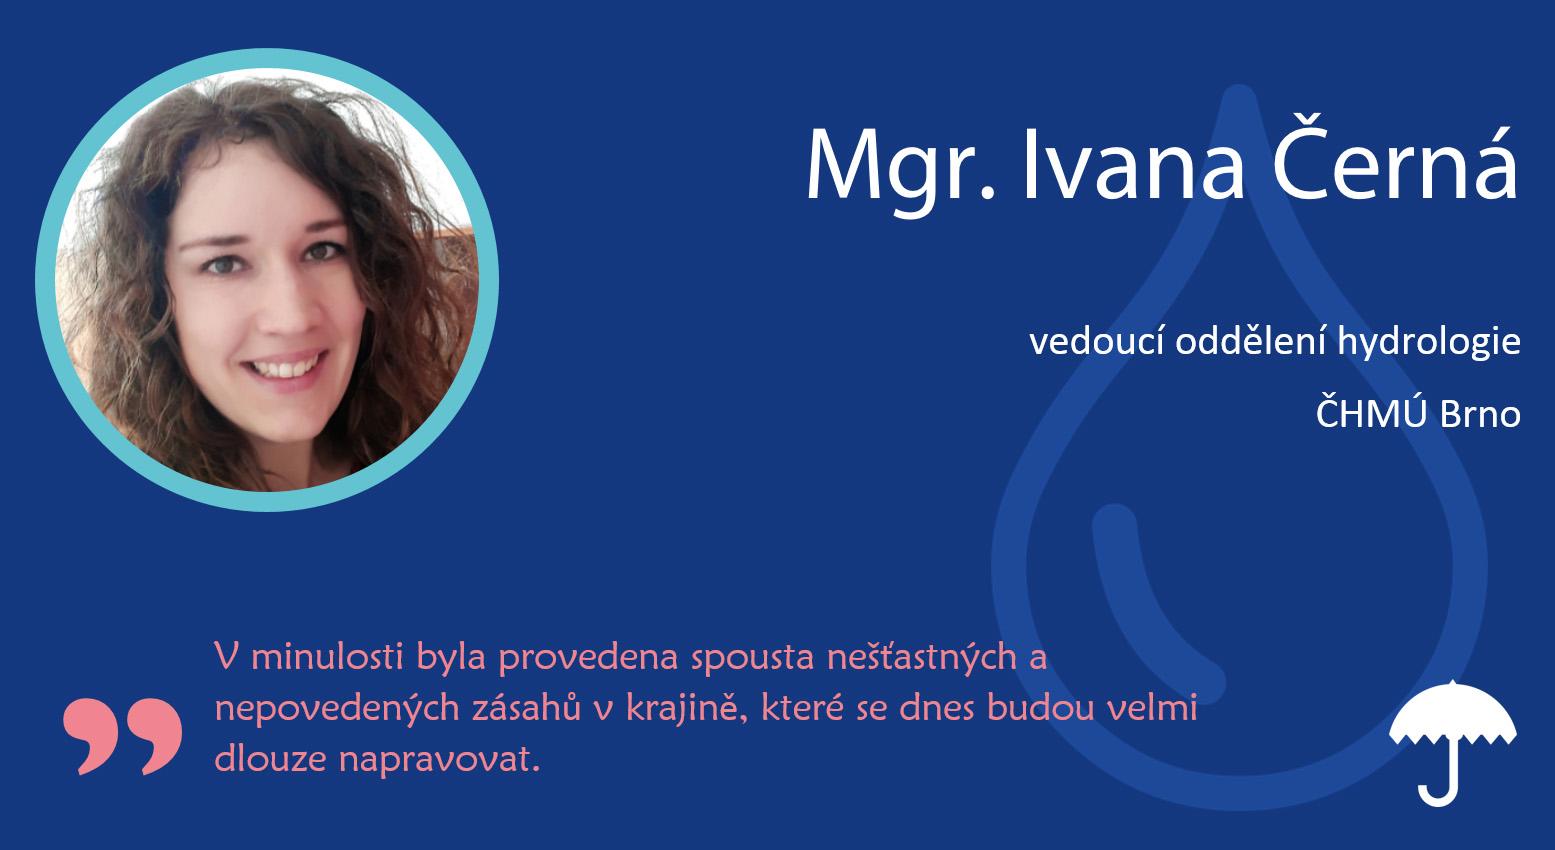 Rozhovor: Ivana Černá, vedoucí oddělení hydrologie9 min čtení